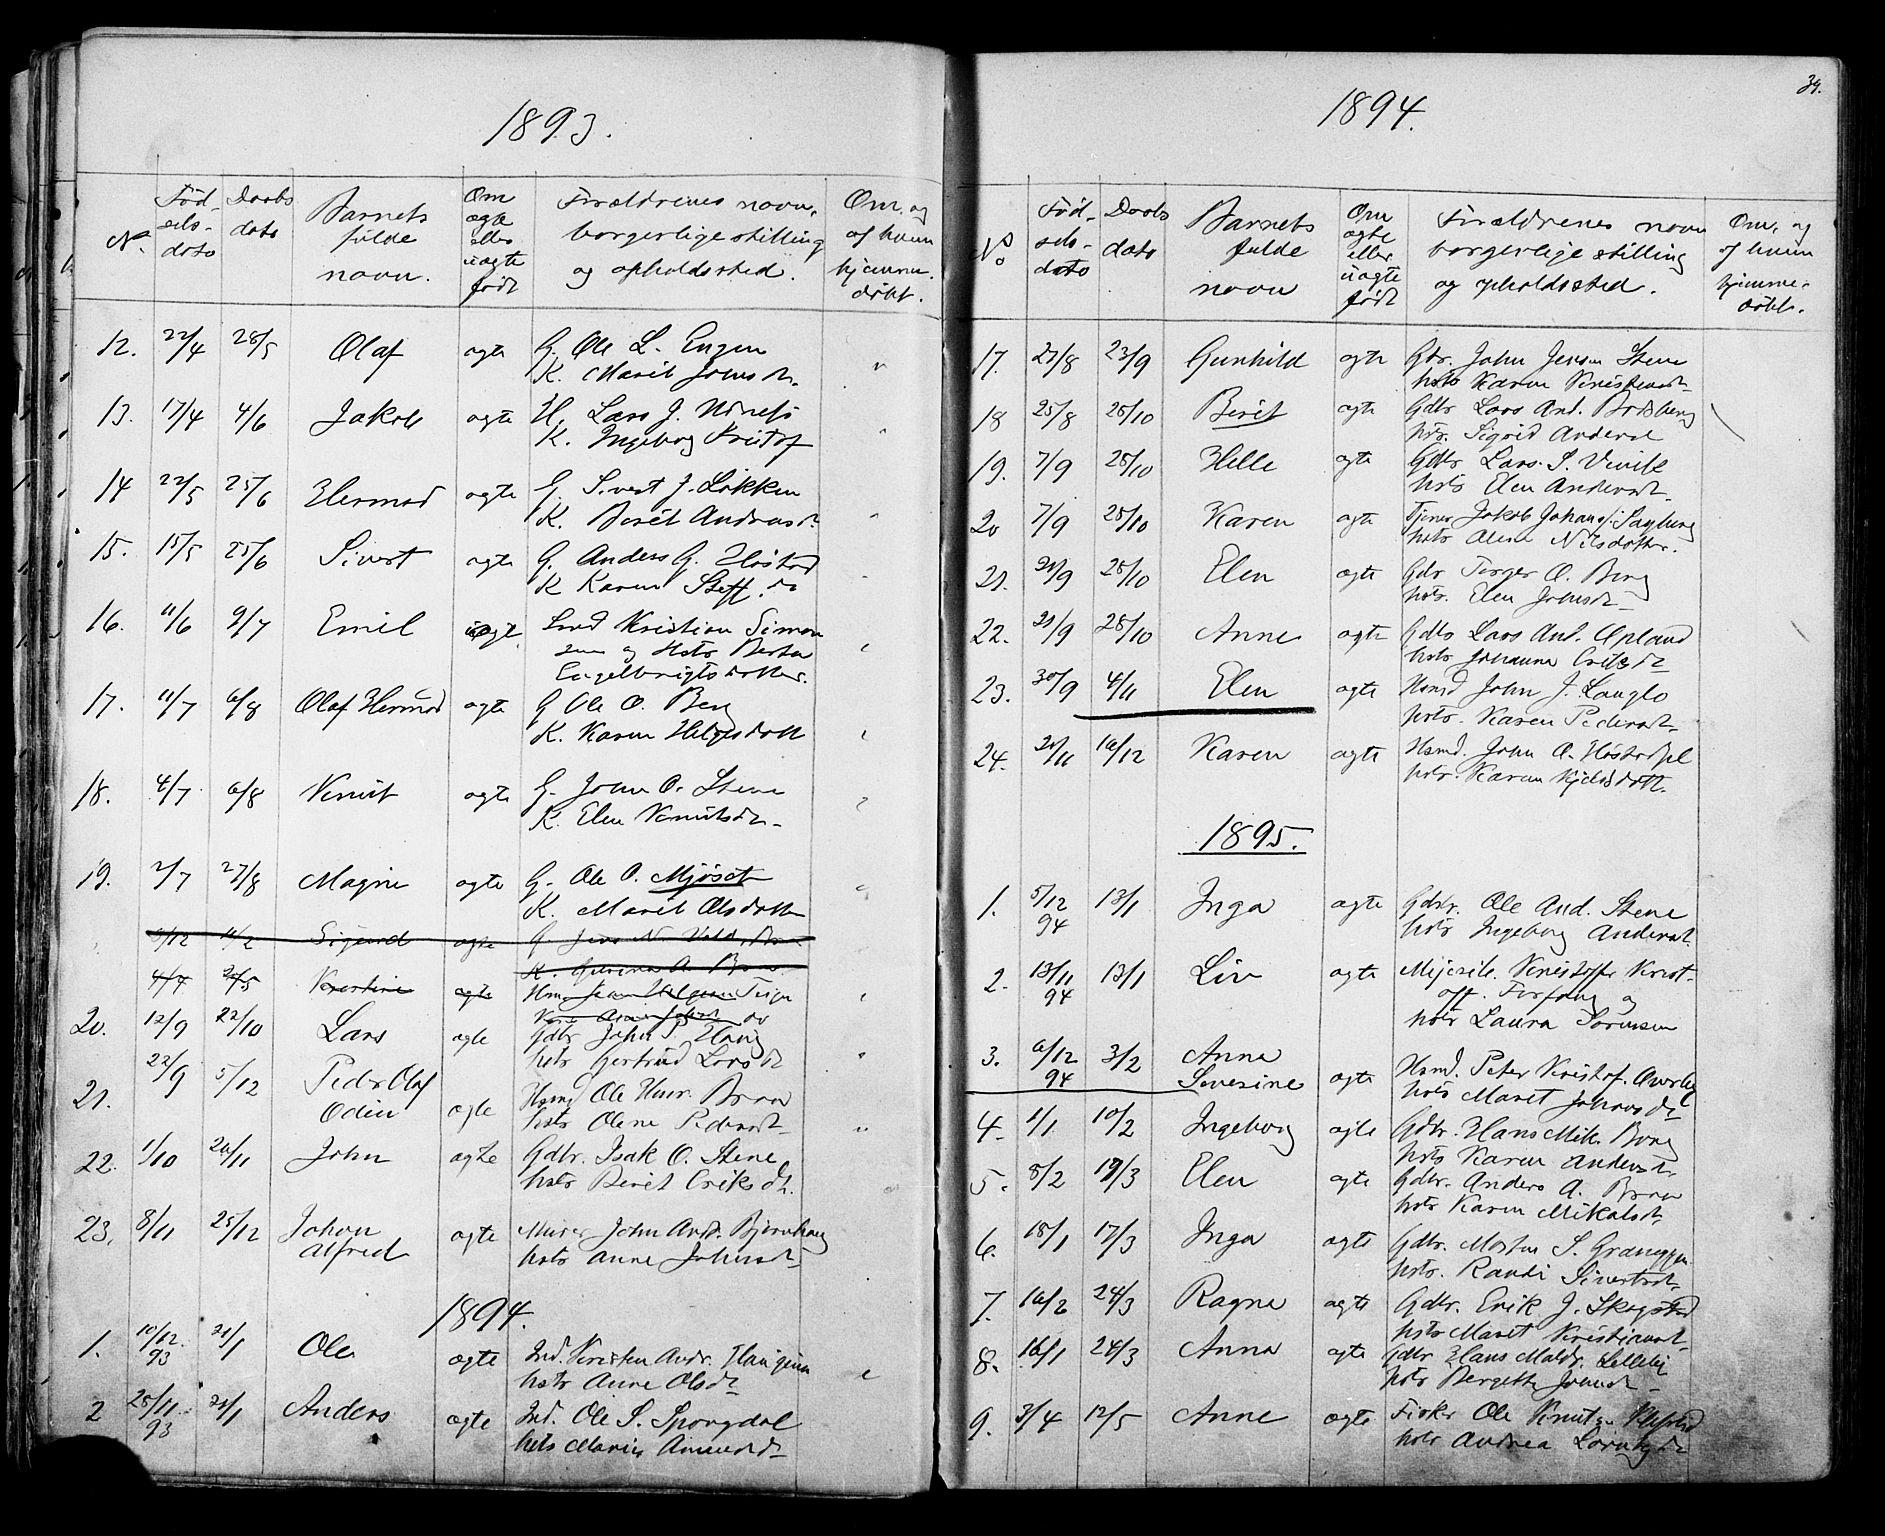 SAT, Ministerialprotokoller, klokkerbøker og fødselsregistre - Sør-Trøndelag, 612/L0387: Klokkerbok nr. 612C03, 1874-1908, s. 39